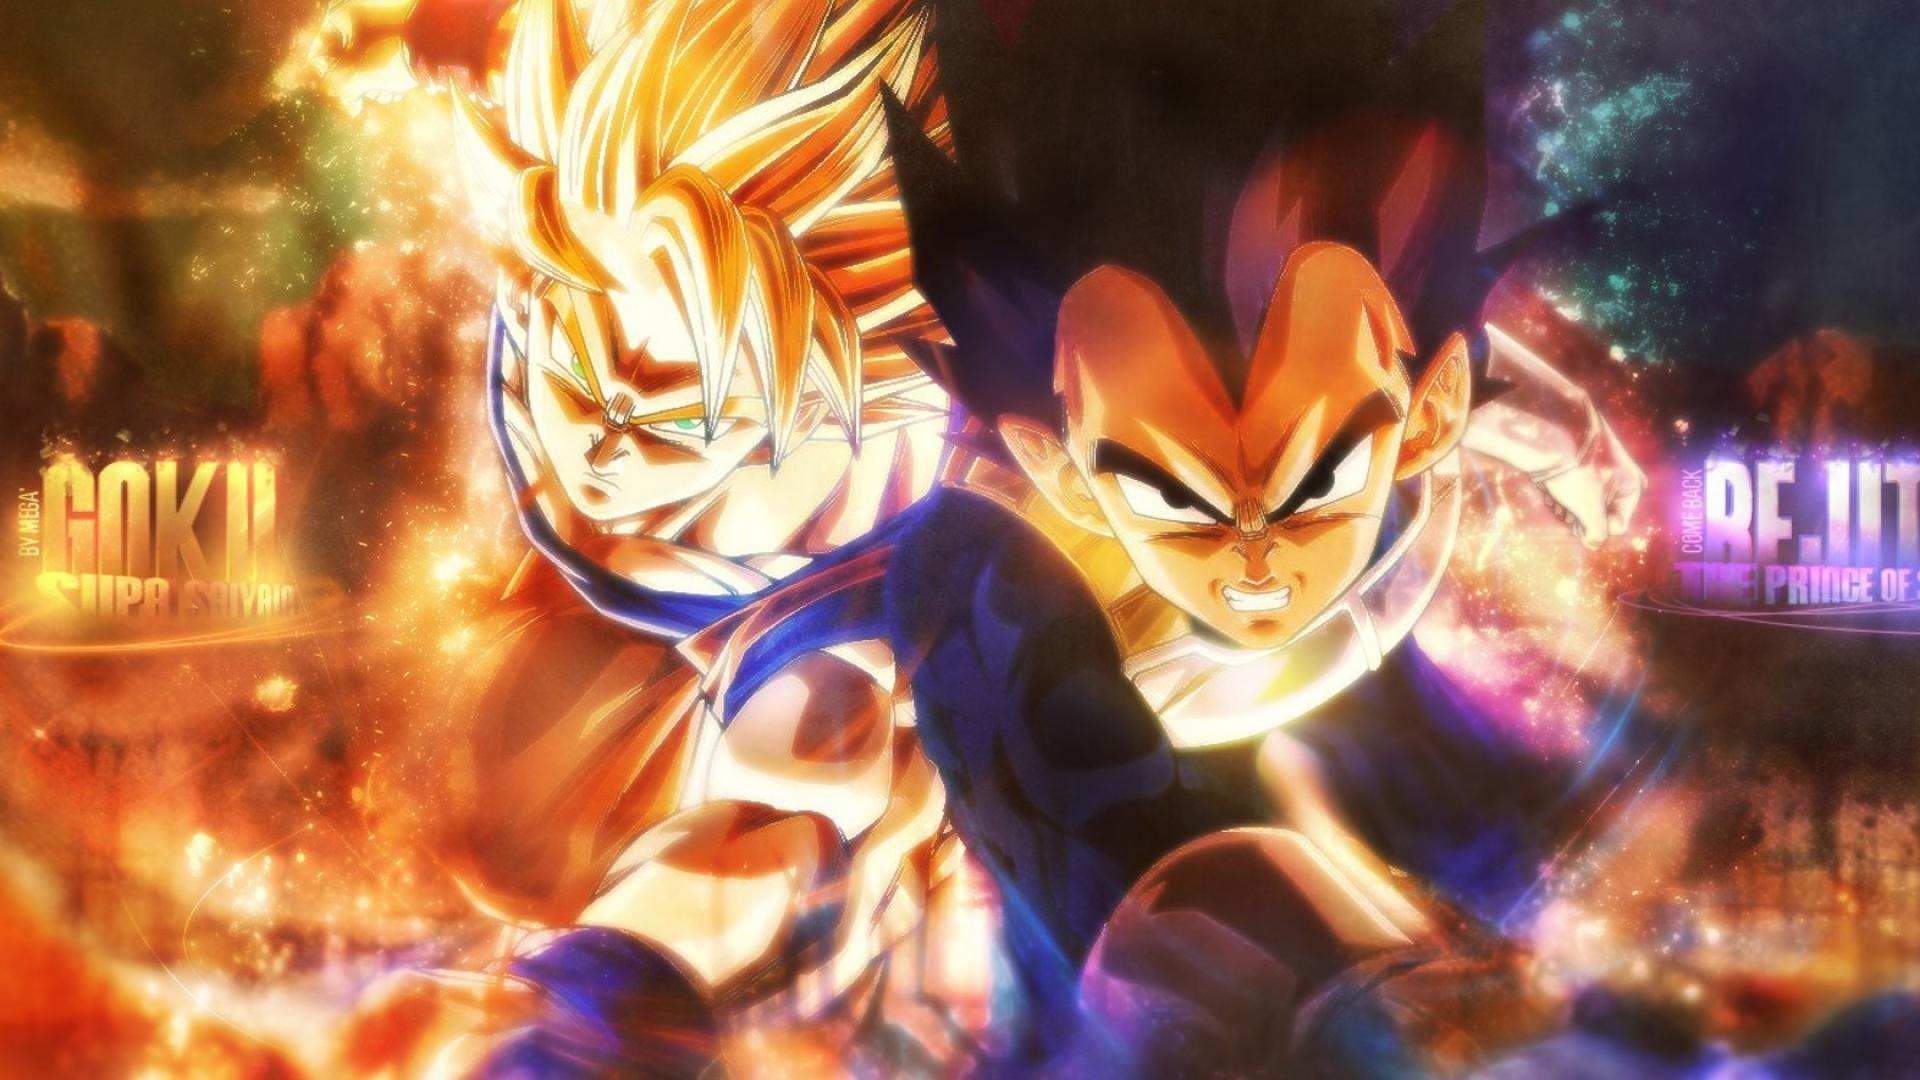 Image Result For Wallpaper Manga Anime Hda